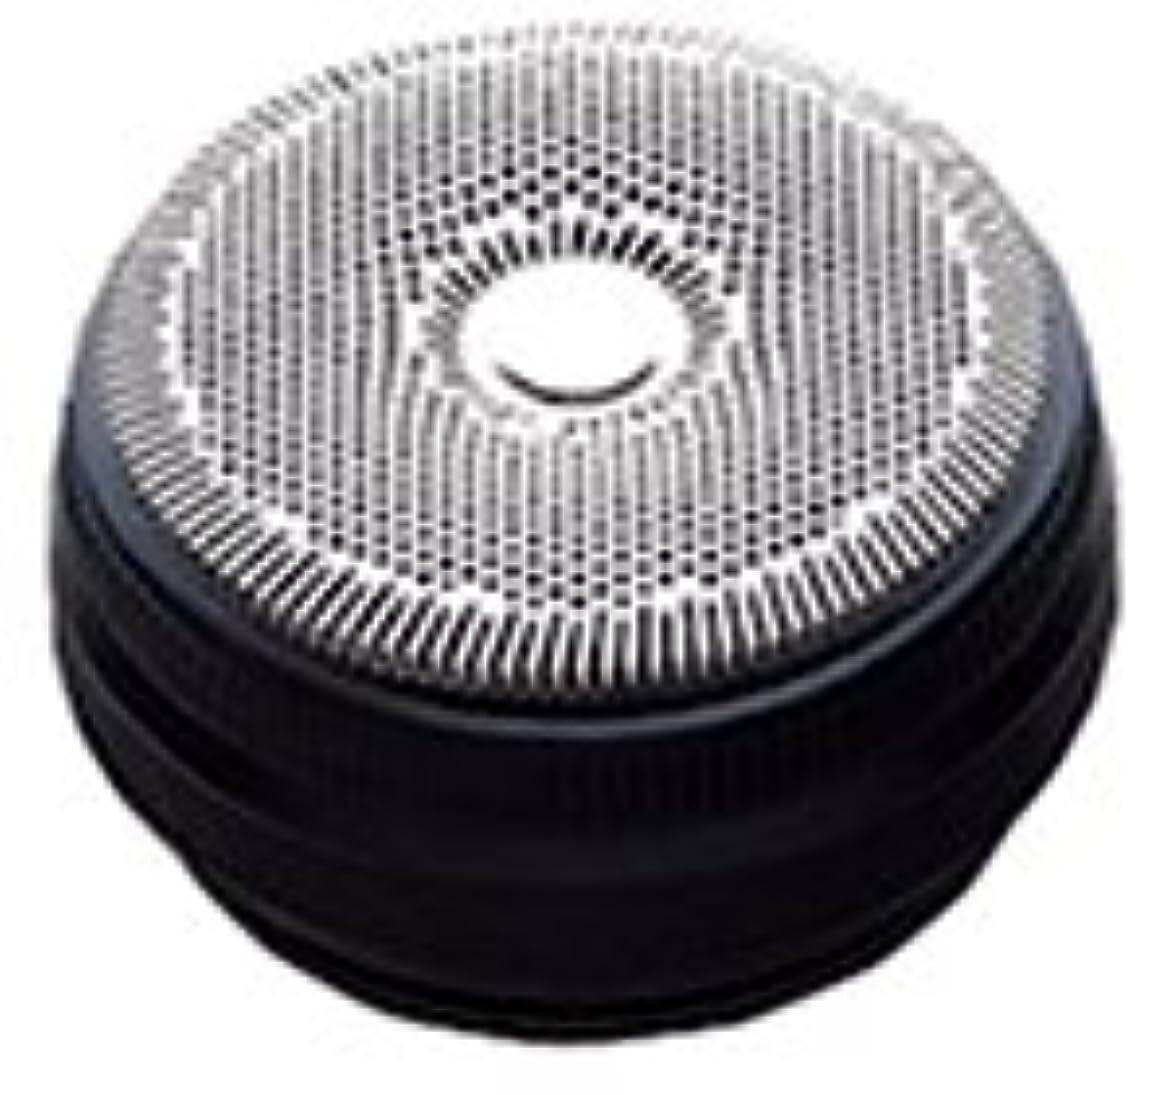 インタフェース予想する説明的パナソニック 替刃 メンズシェーバー用 セット刃 ES9664